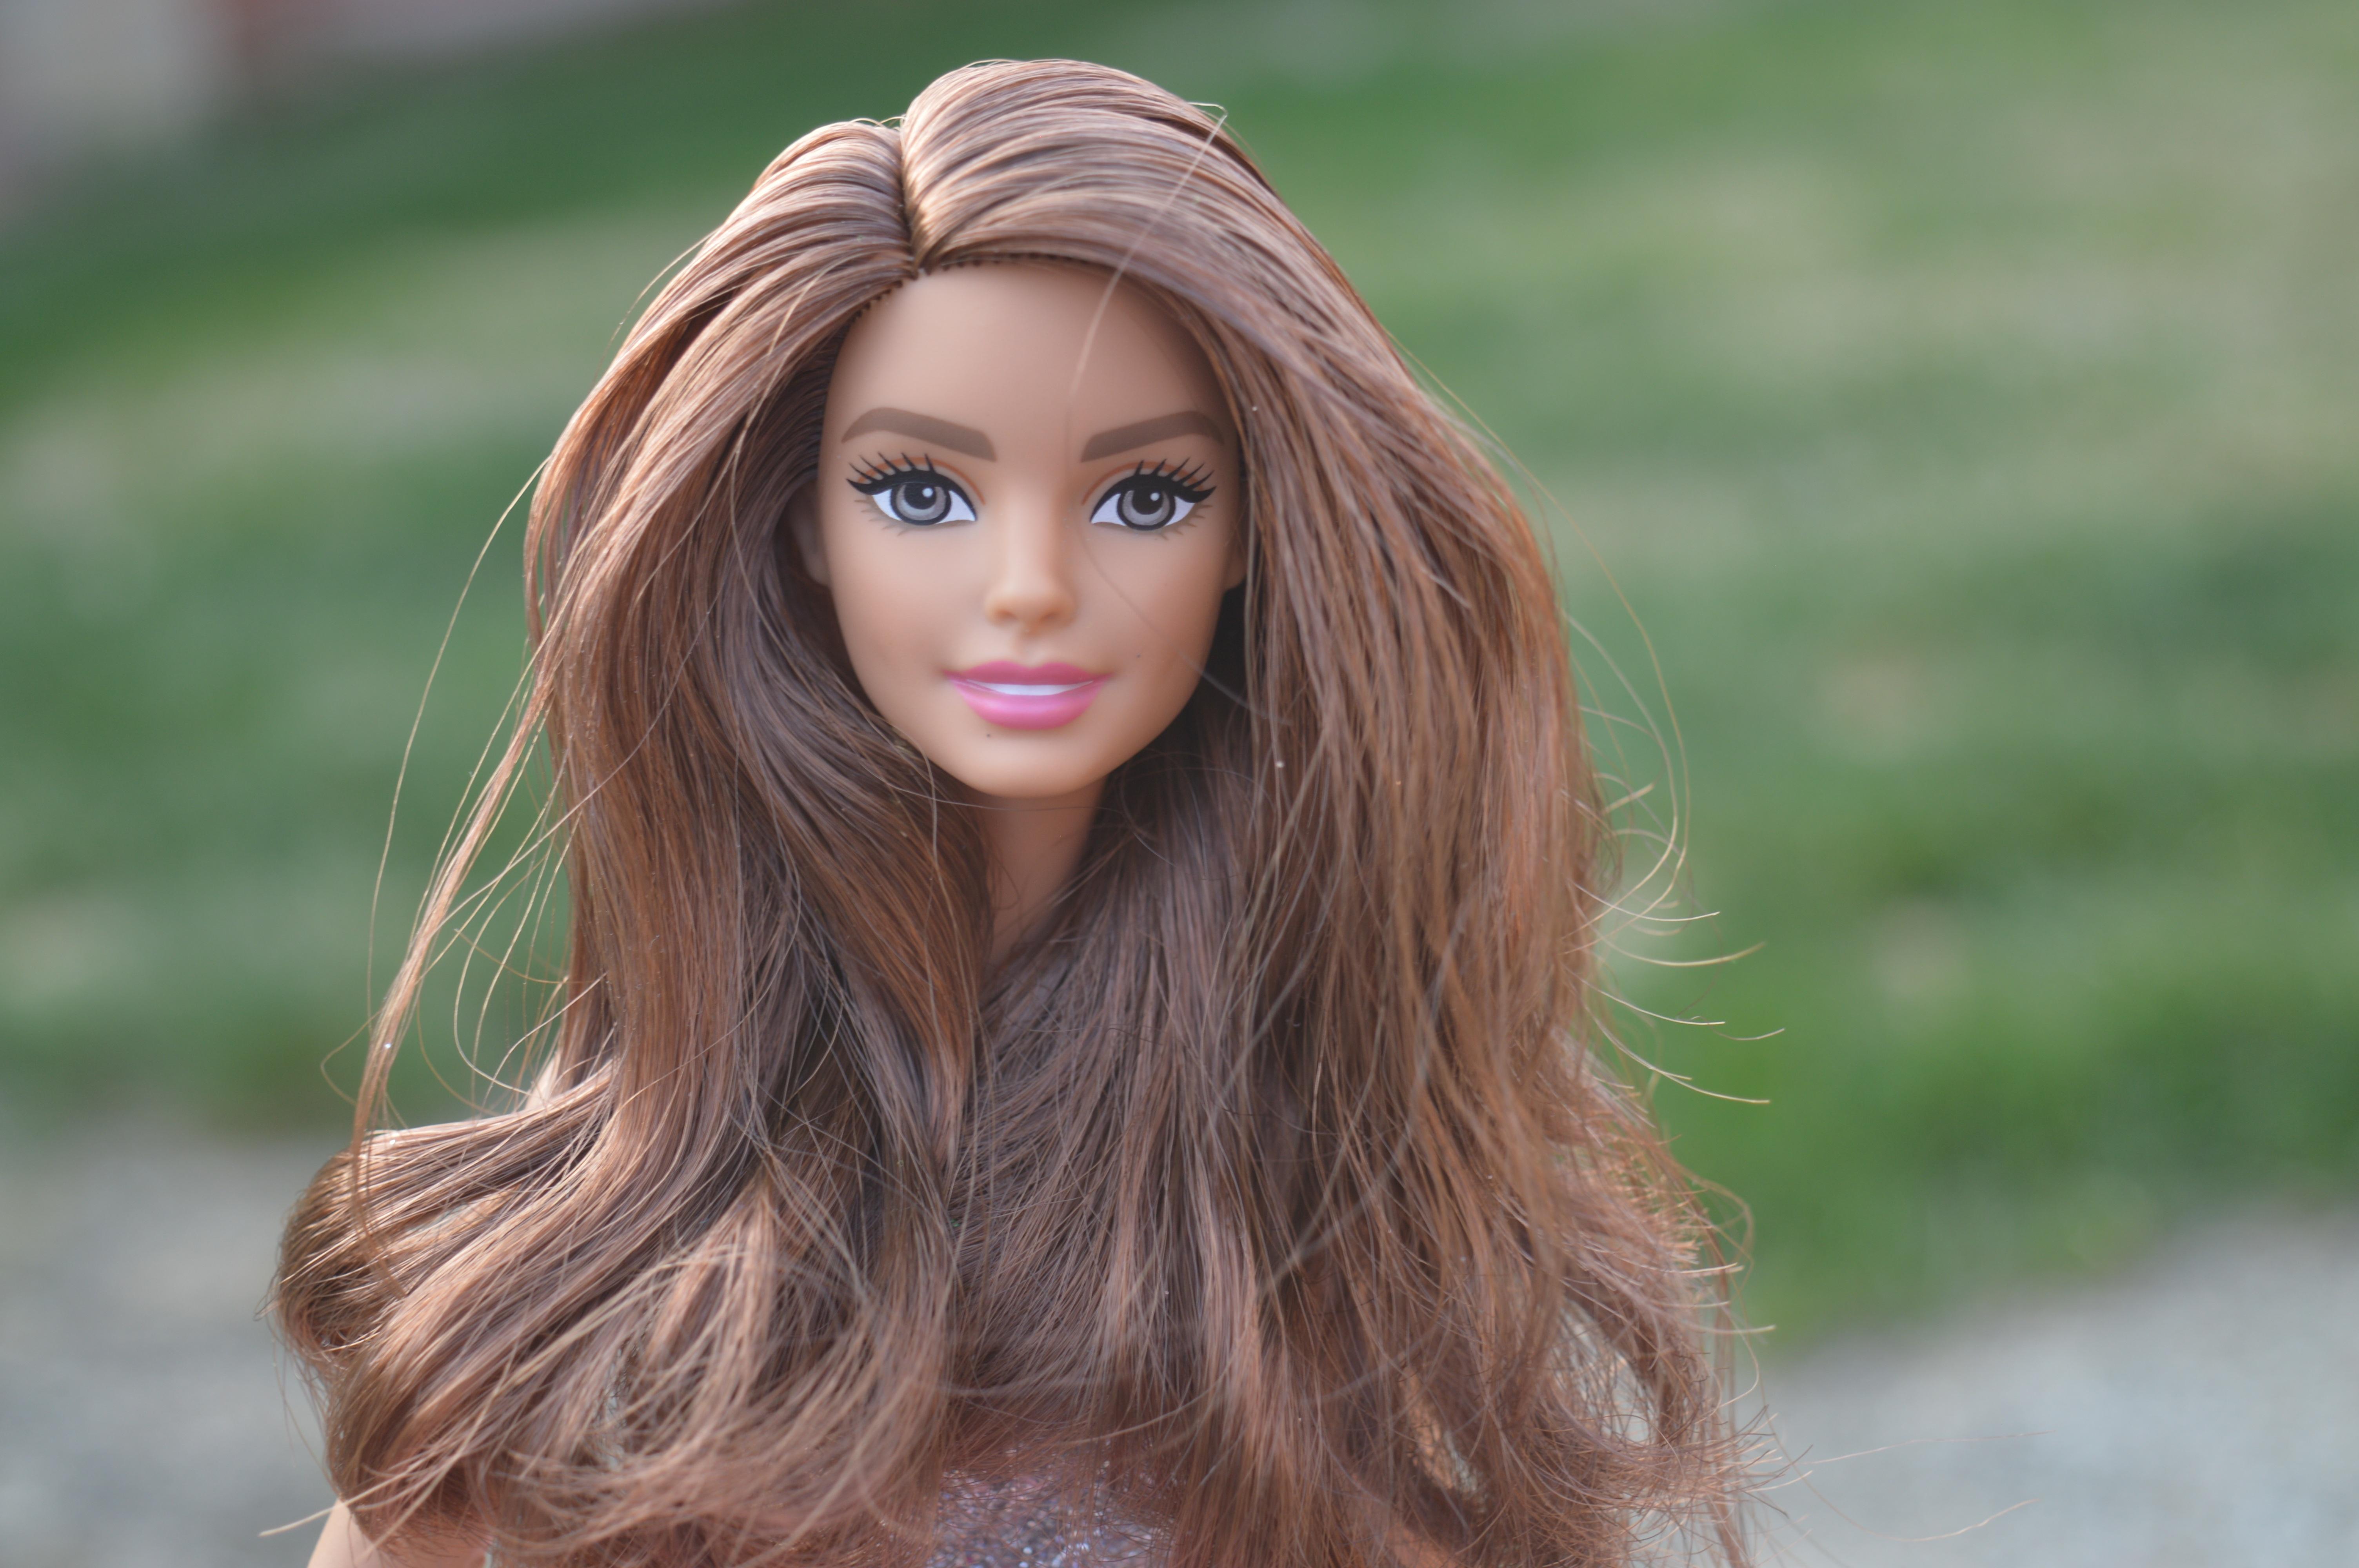 Frisuren frauen blond lange haare